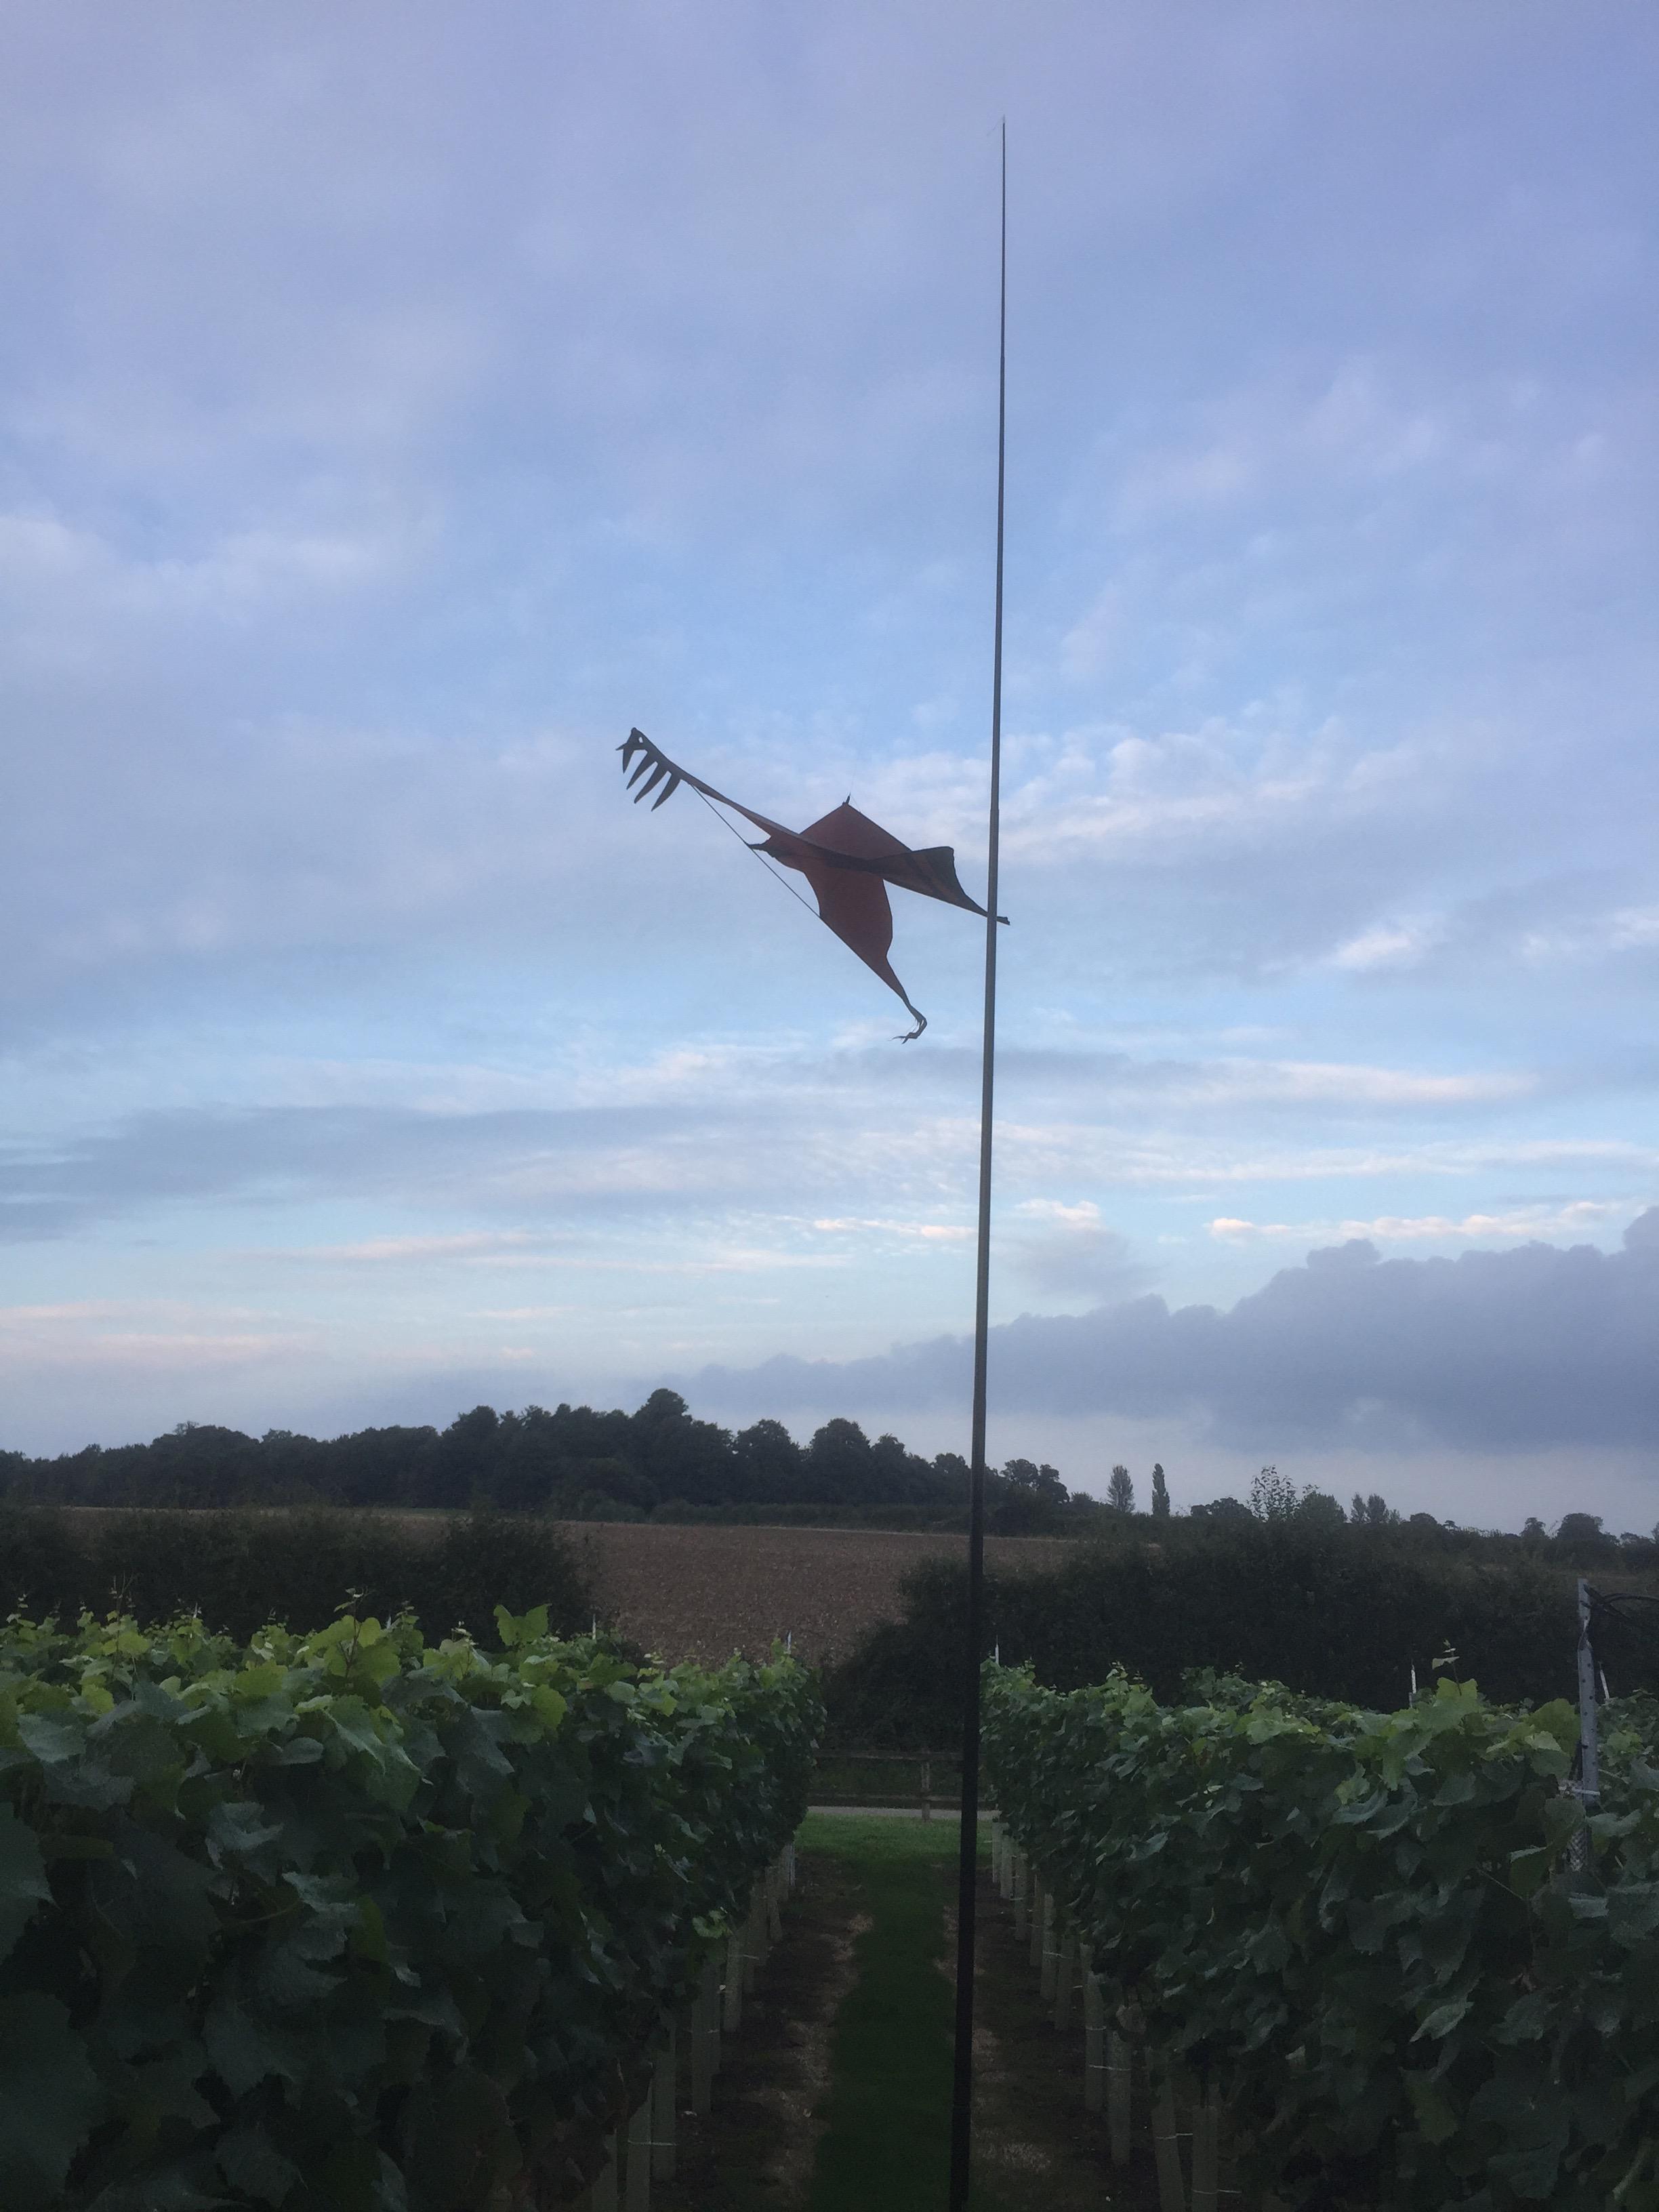 Our bird scaring hawk